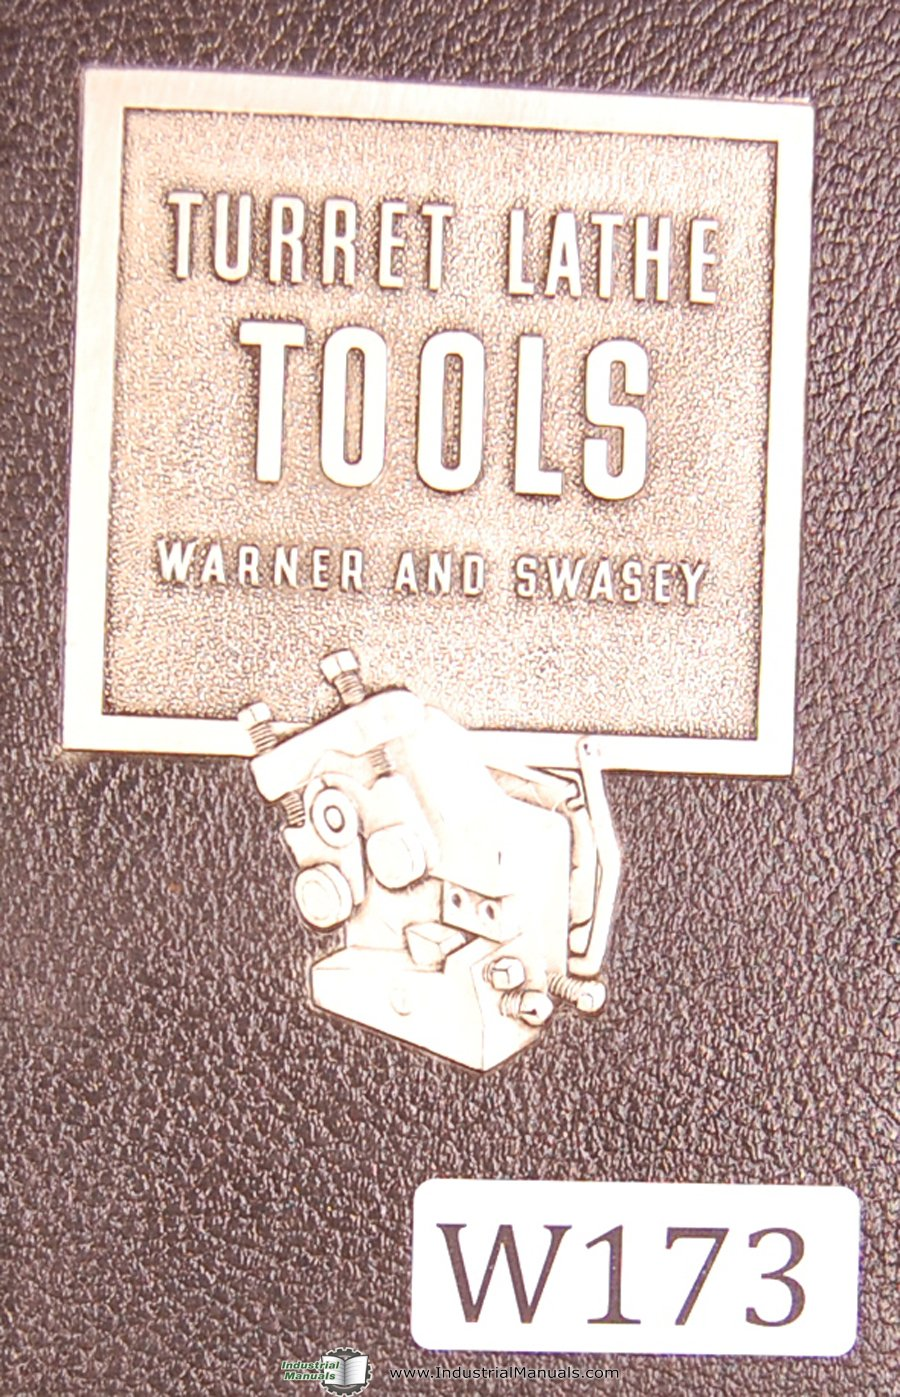 Warner & Swasey Tool Catalog No  38 Tooling Manual Year